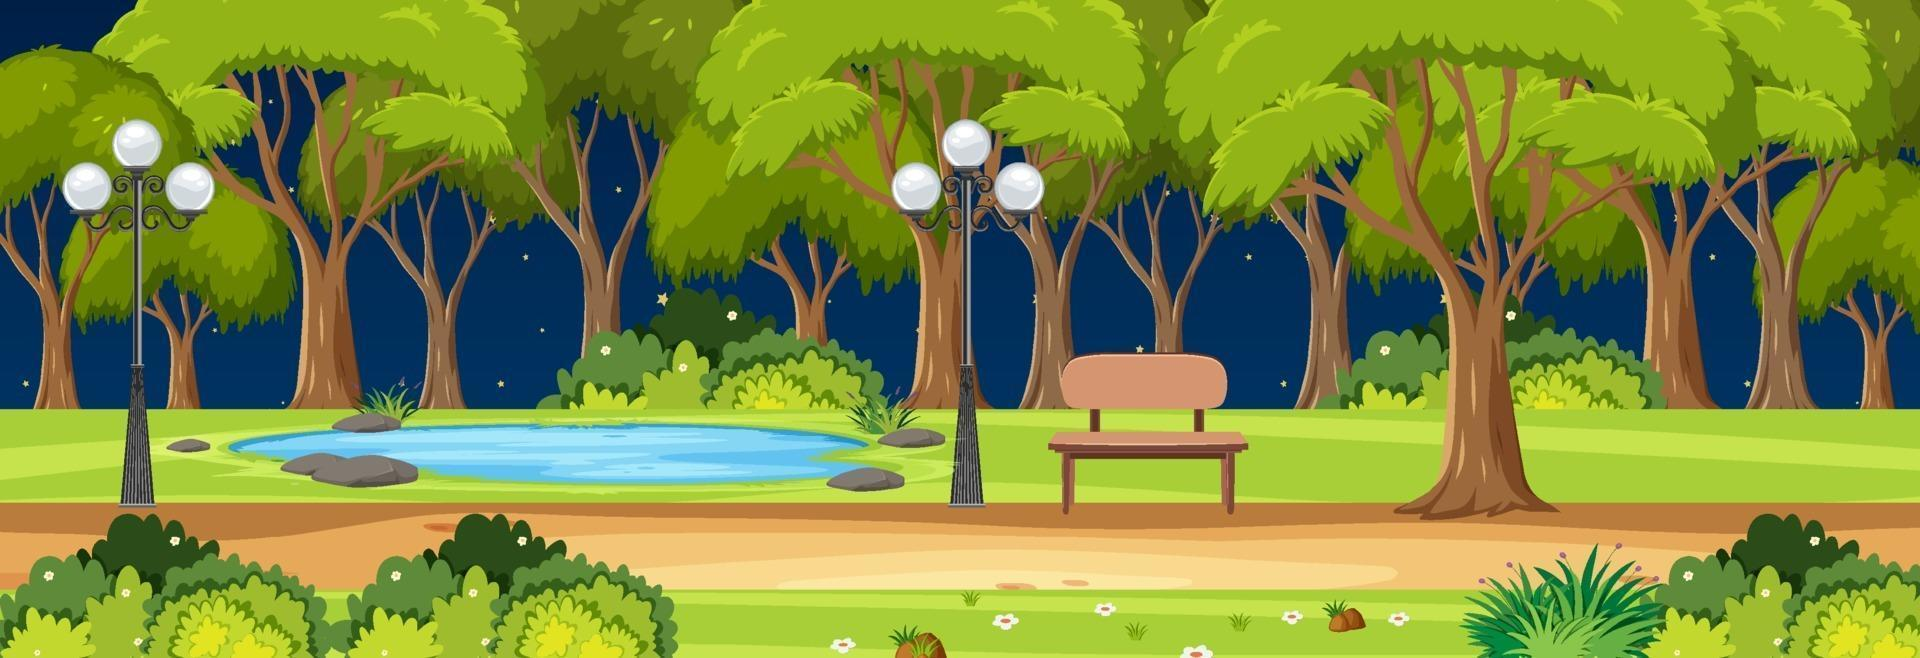 parco scena orizzontale di notte con molti alberi vettore